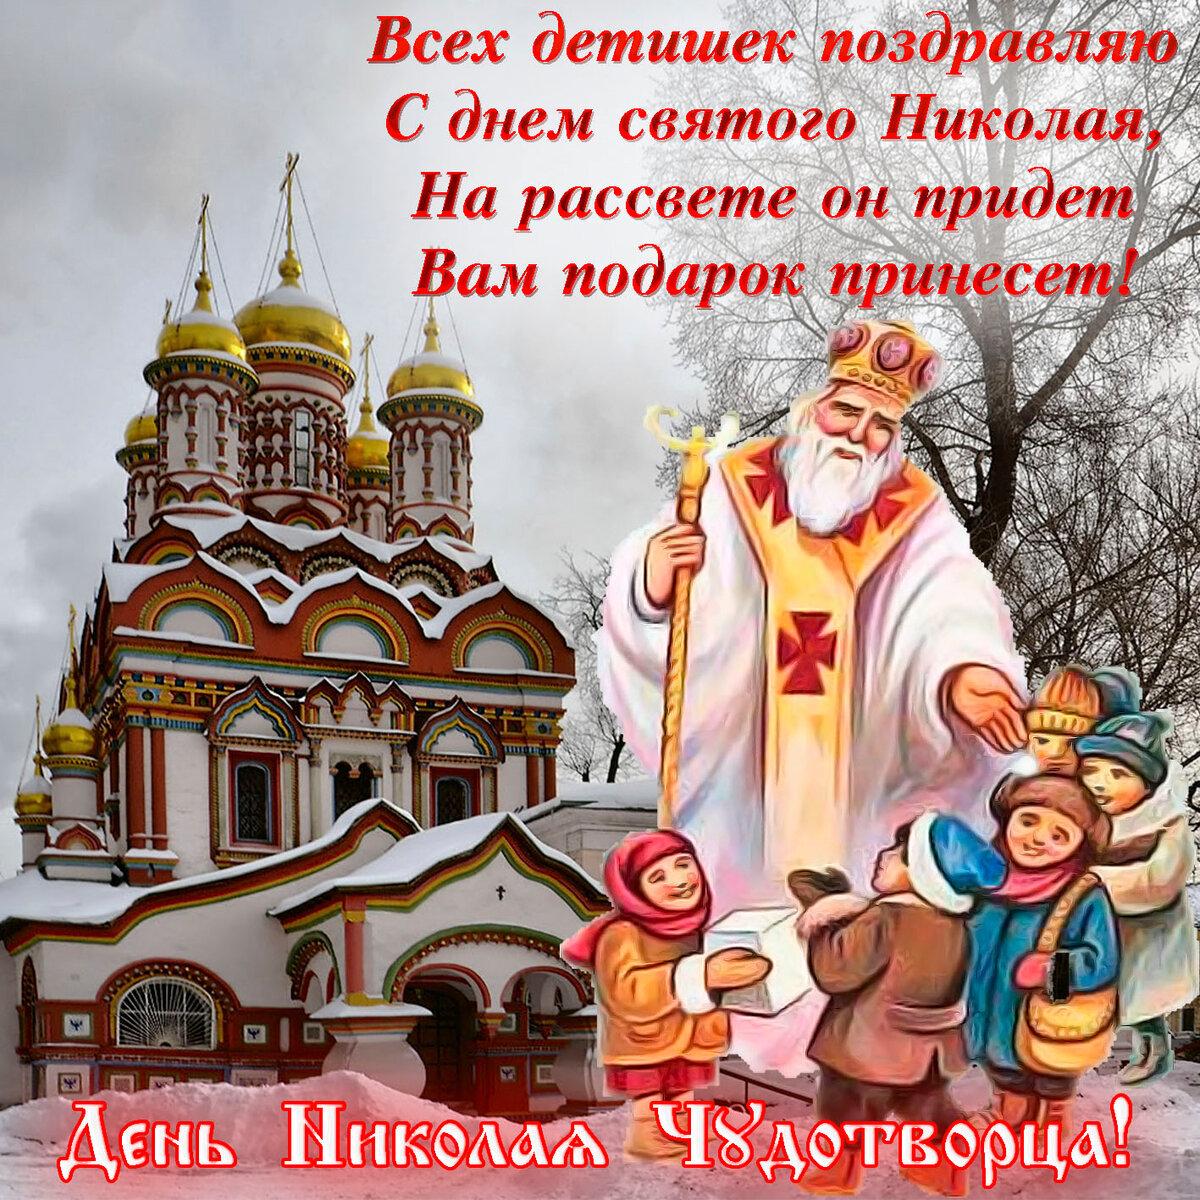 Поздравления и святому николаю